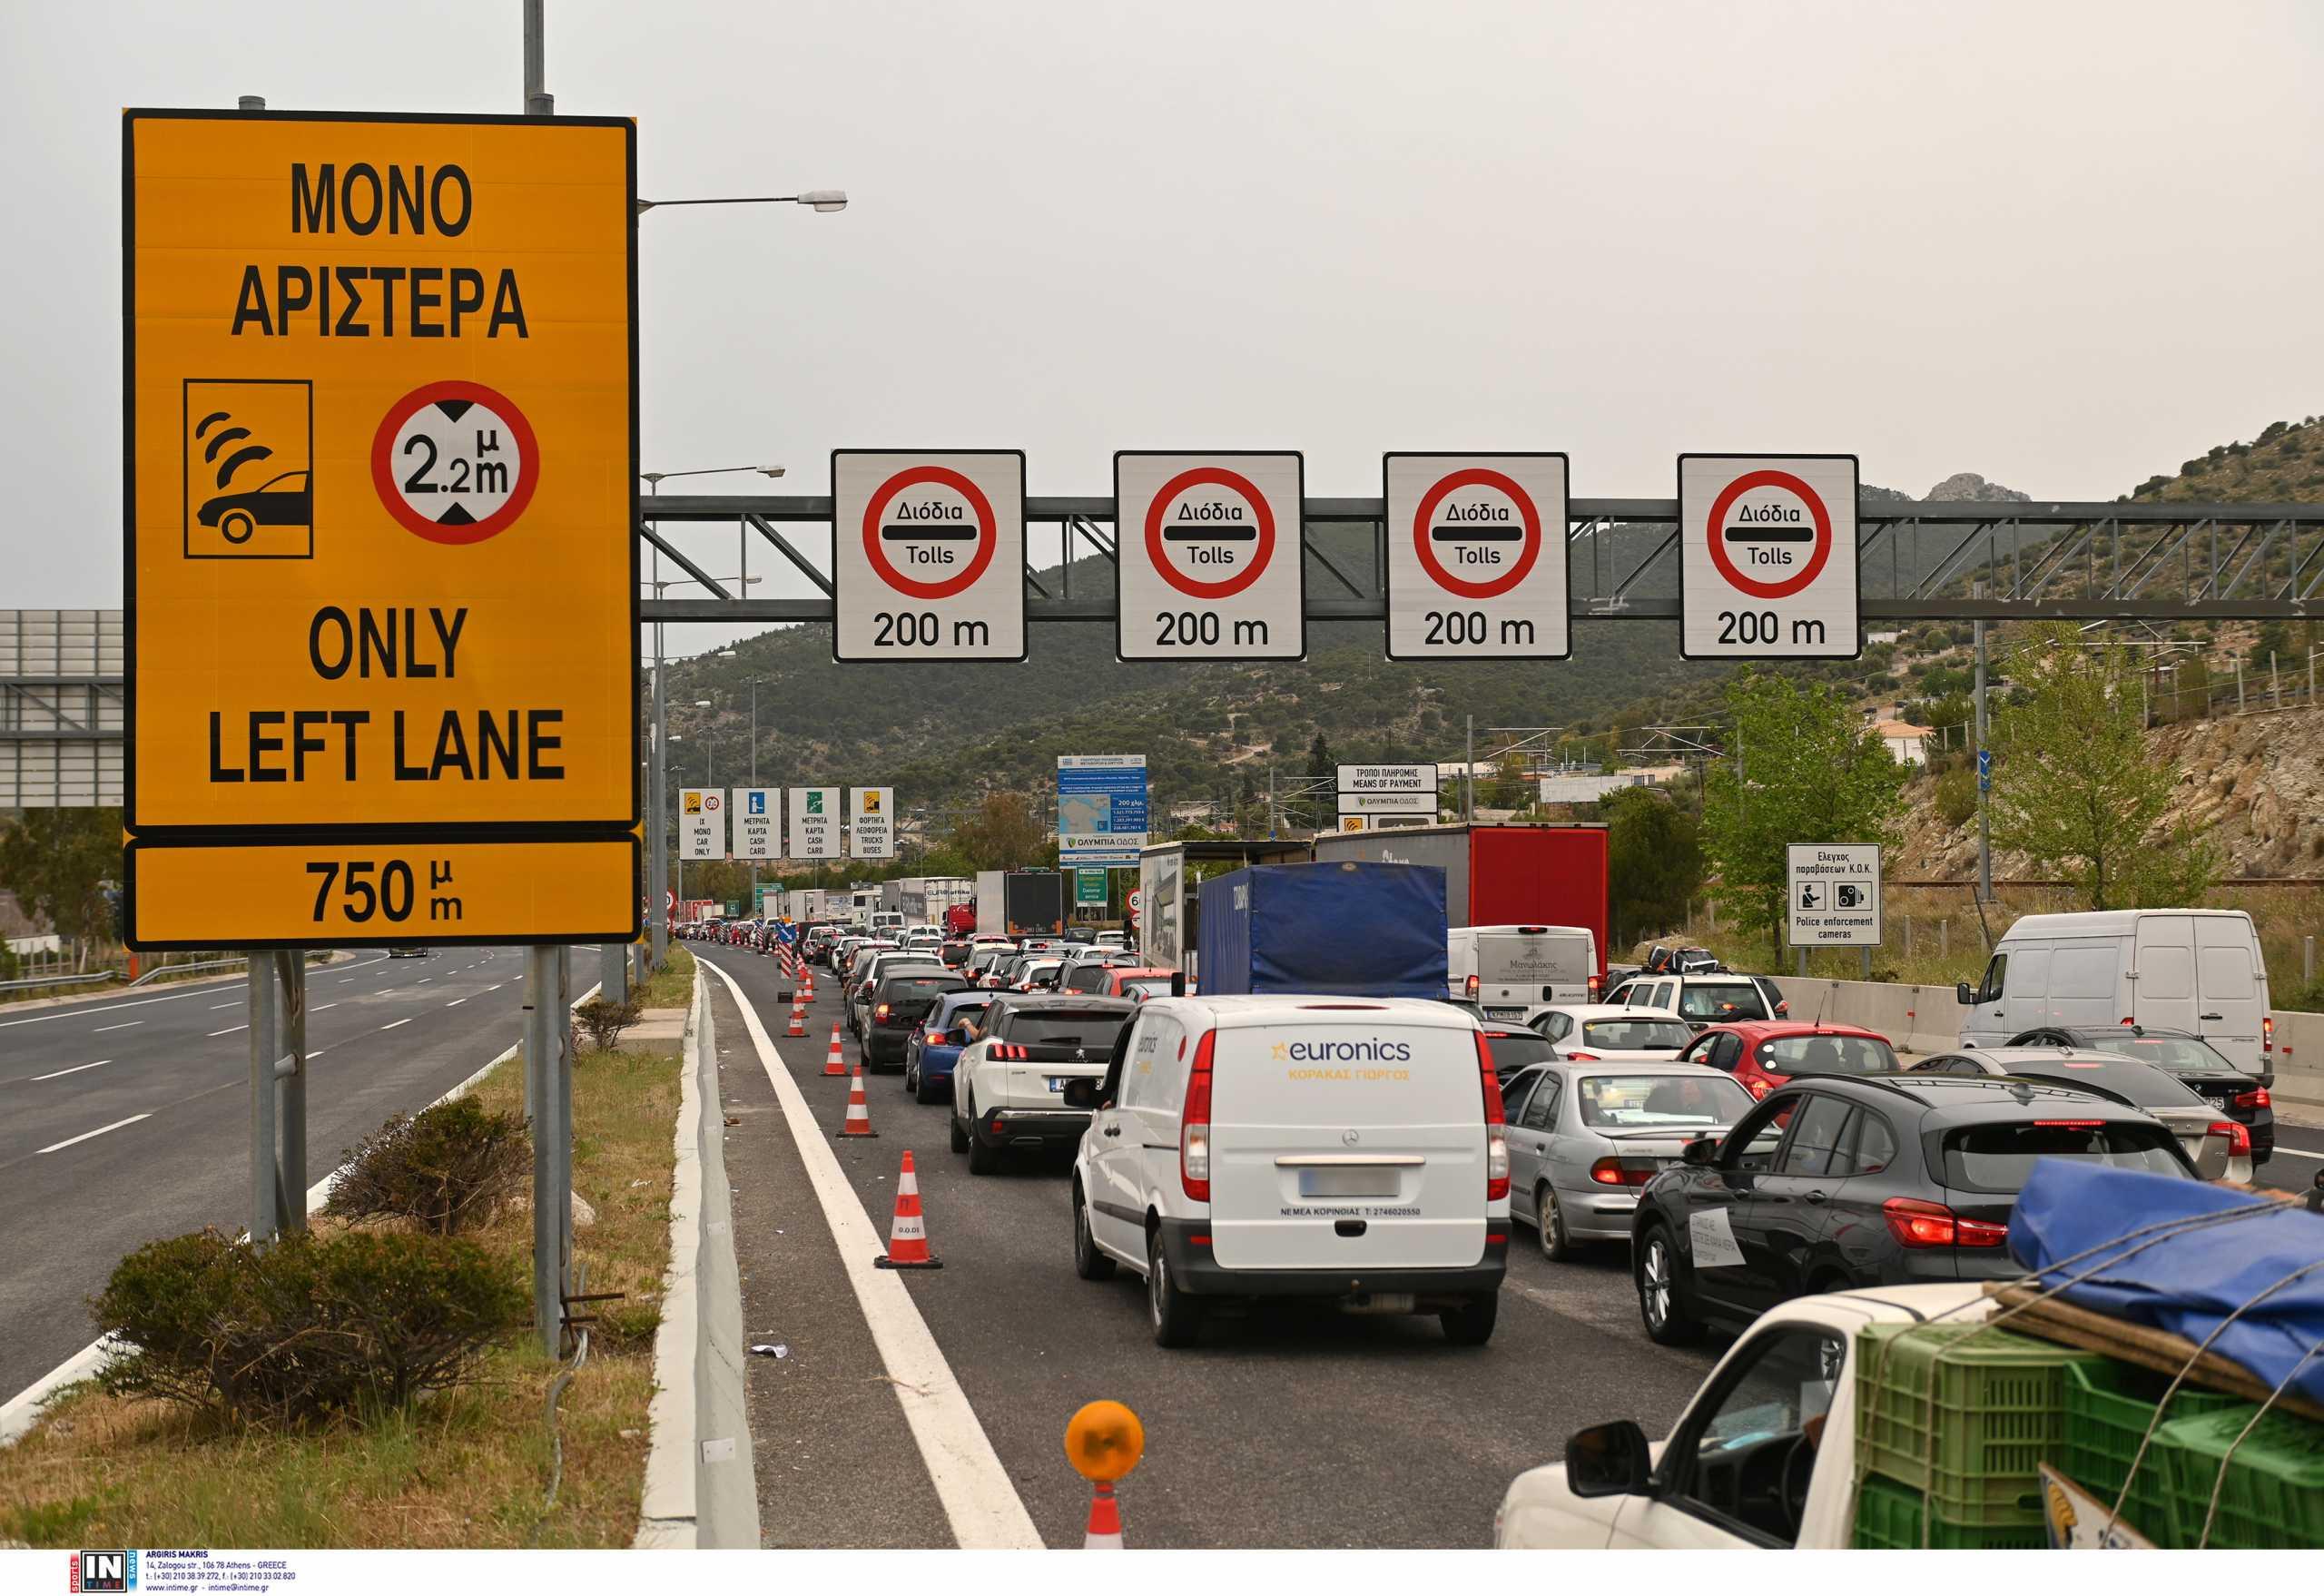 Διόδια: Όπου…. φύγει – φύγει από την Αθήνα! Πάνω από 65.000 οχήματα έφυγαν την Παρασκευή!